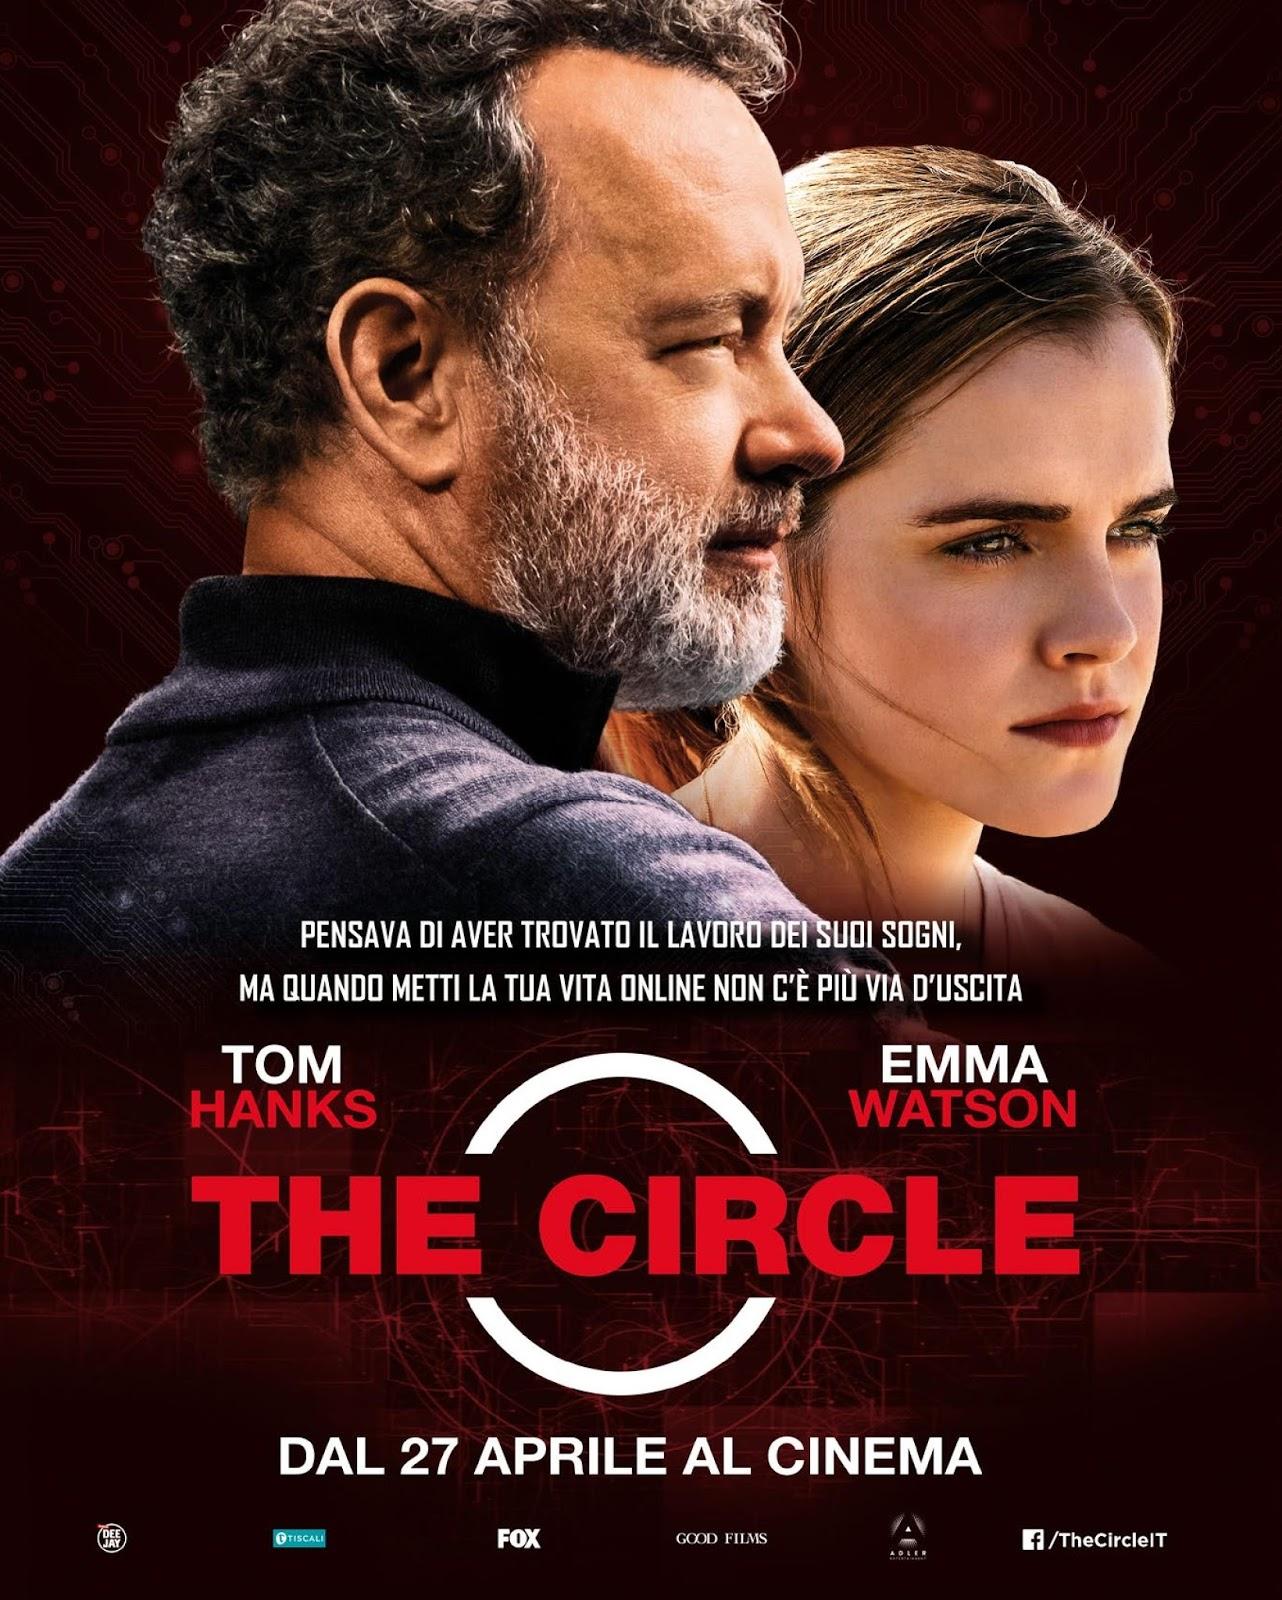 The Circle-movie